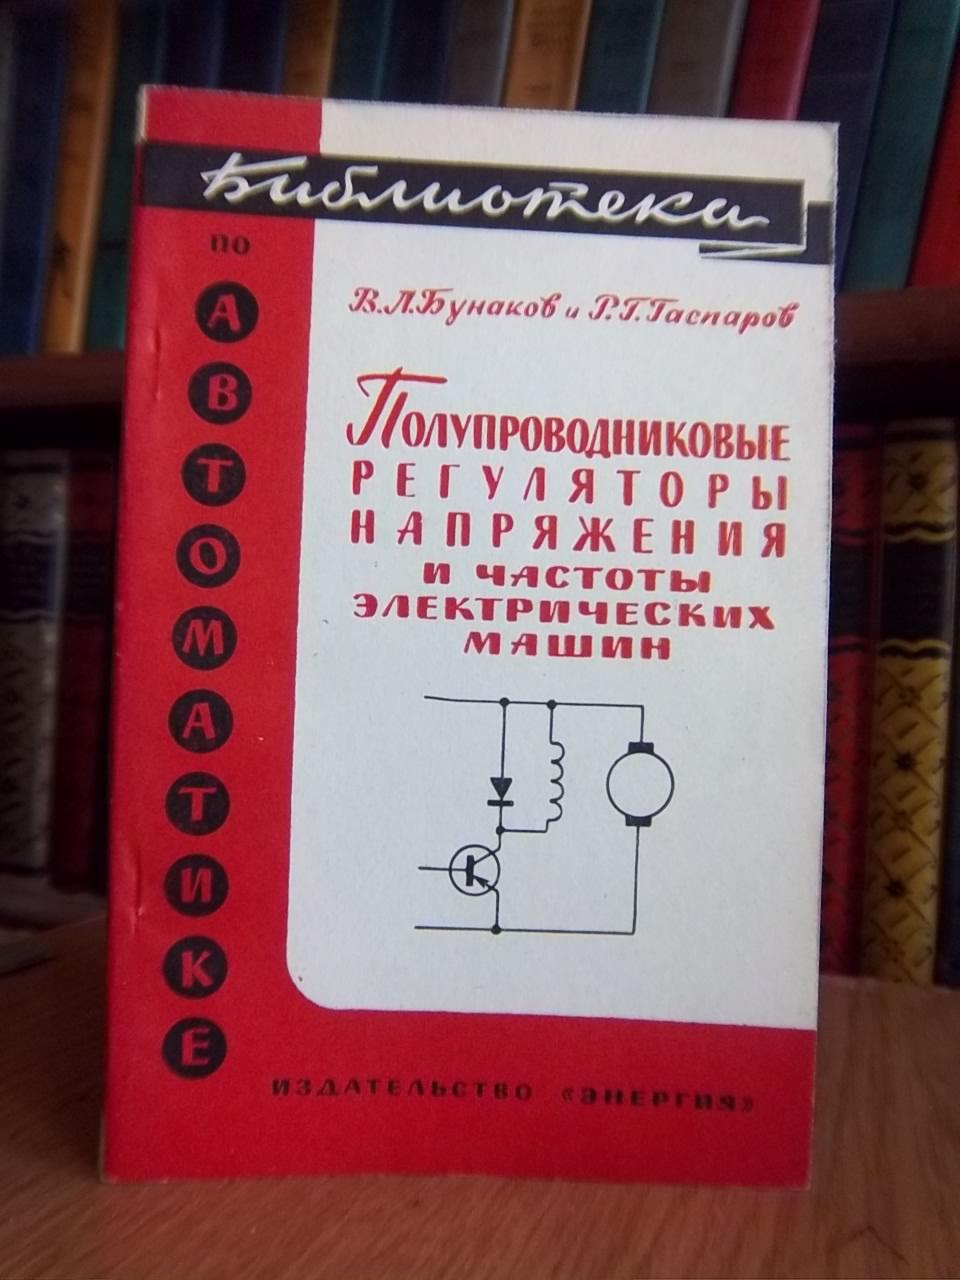 Полупроводниковые регуляторы напряжения и частоты электрических машин